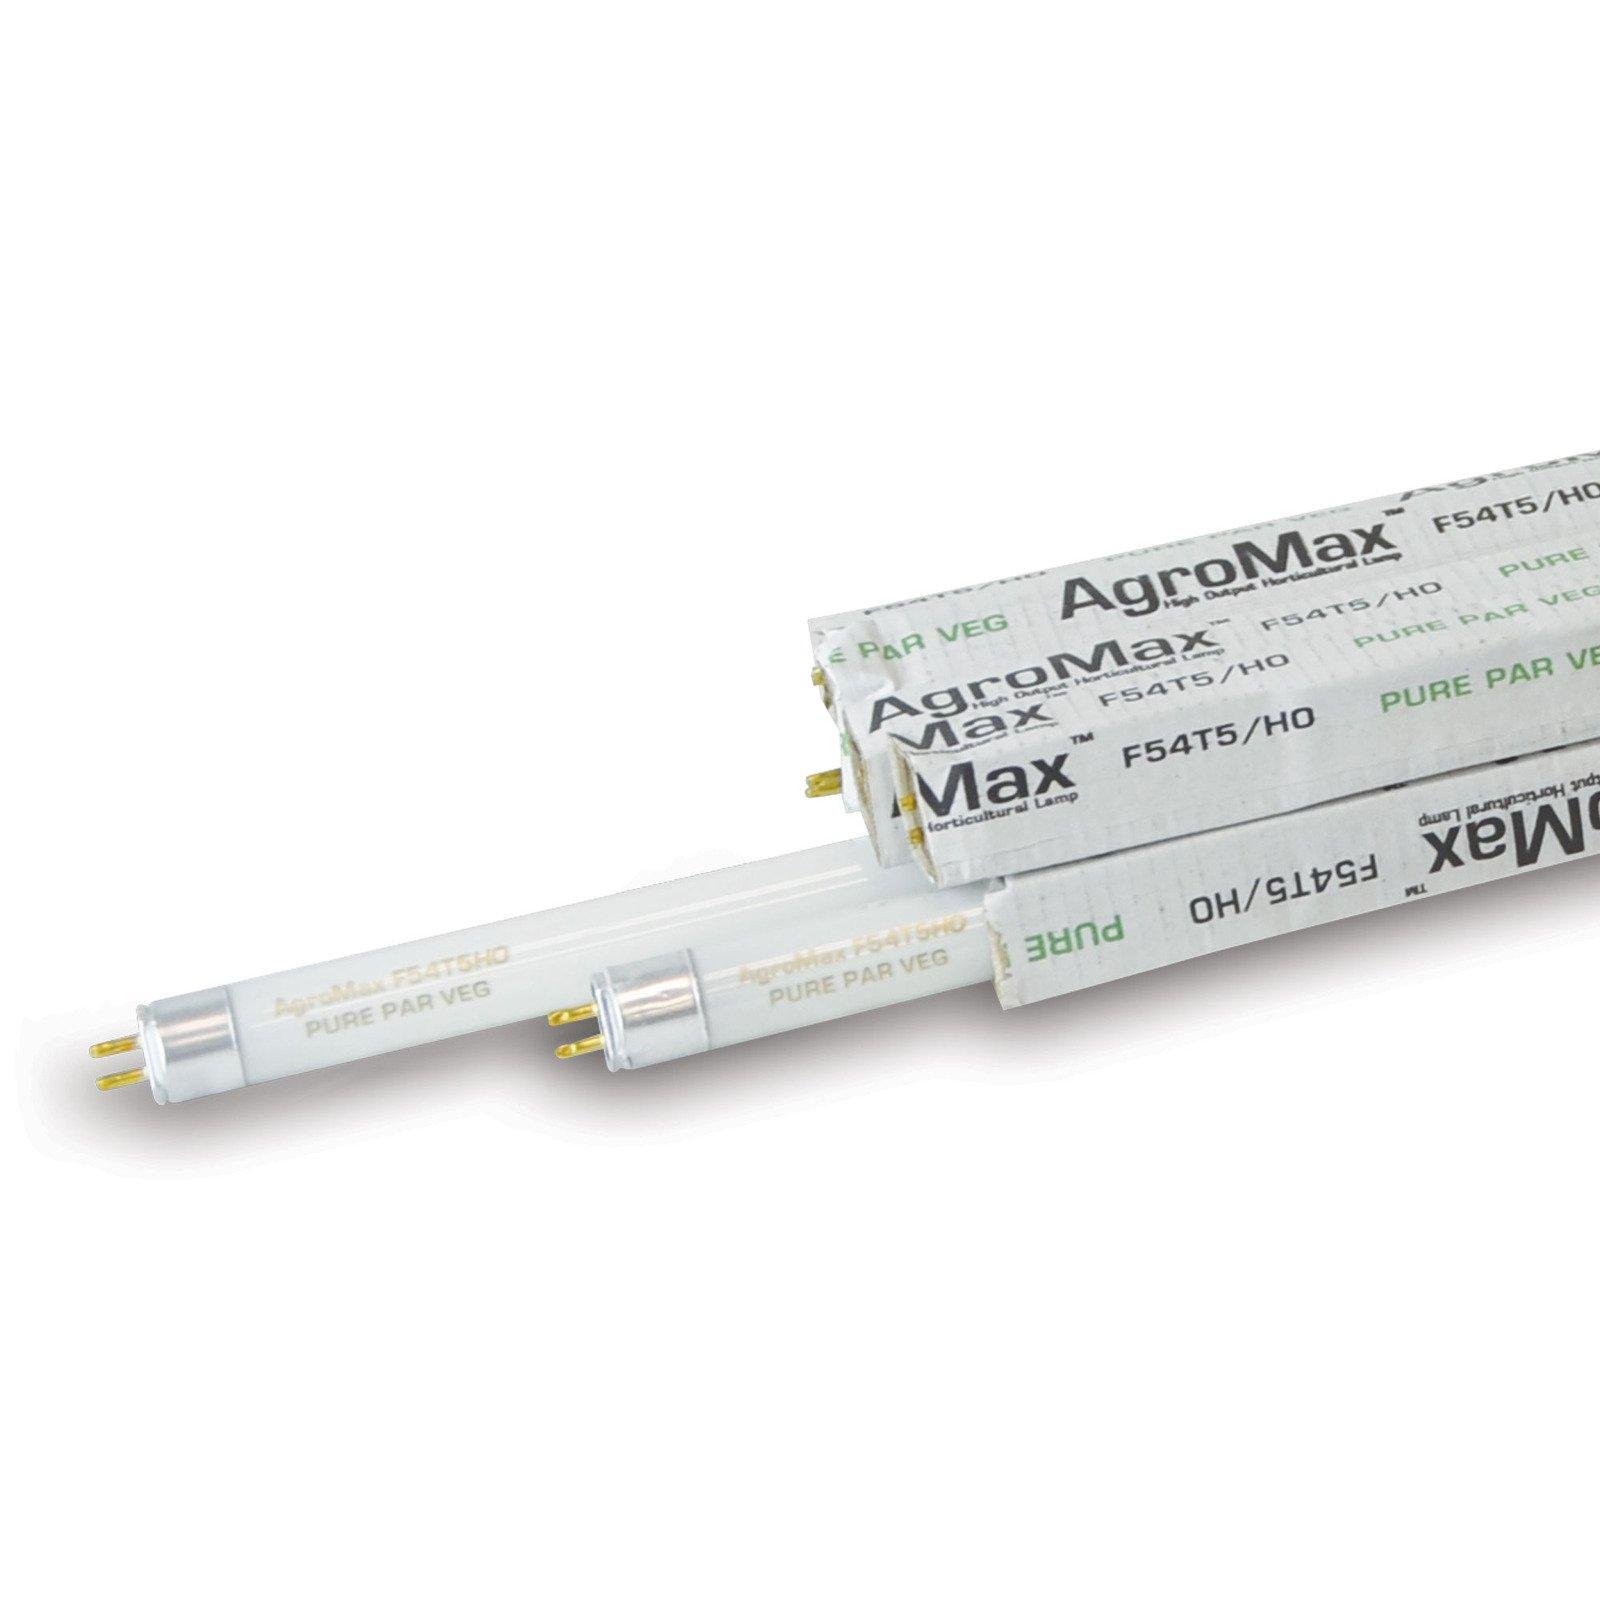 8-Pack AgroMax 4 Foot (45.75'') Pure PAR Veg T5 Fluorescent Grow Light Bulbs - (8) F54T5HO Bulbs